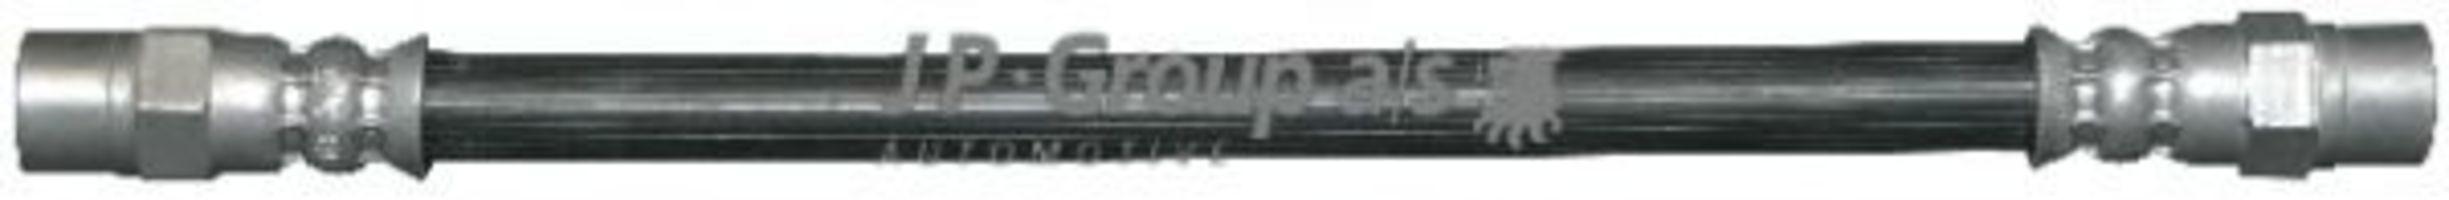 Шланг тормозной JP GROUP 1461700600